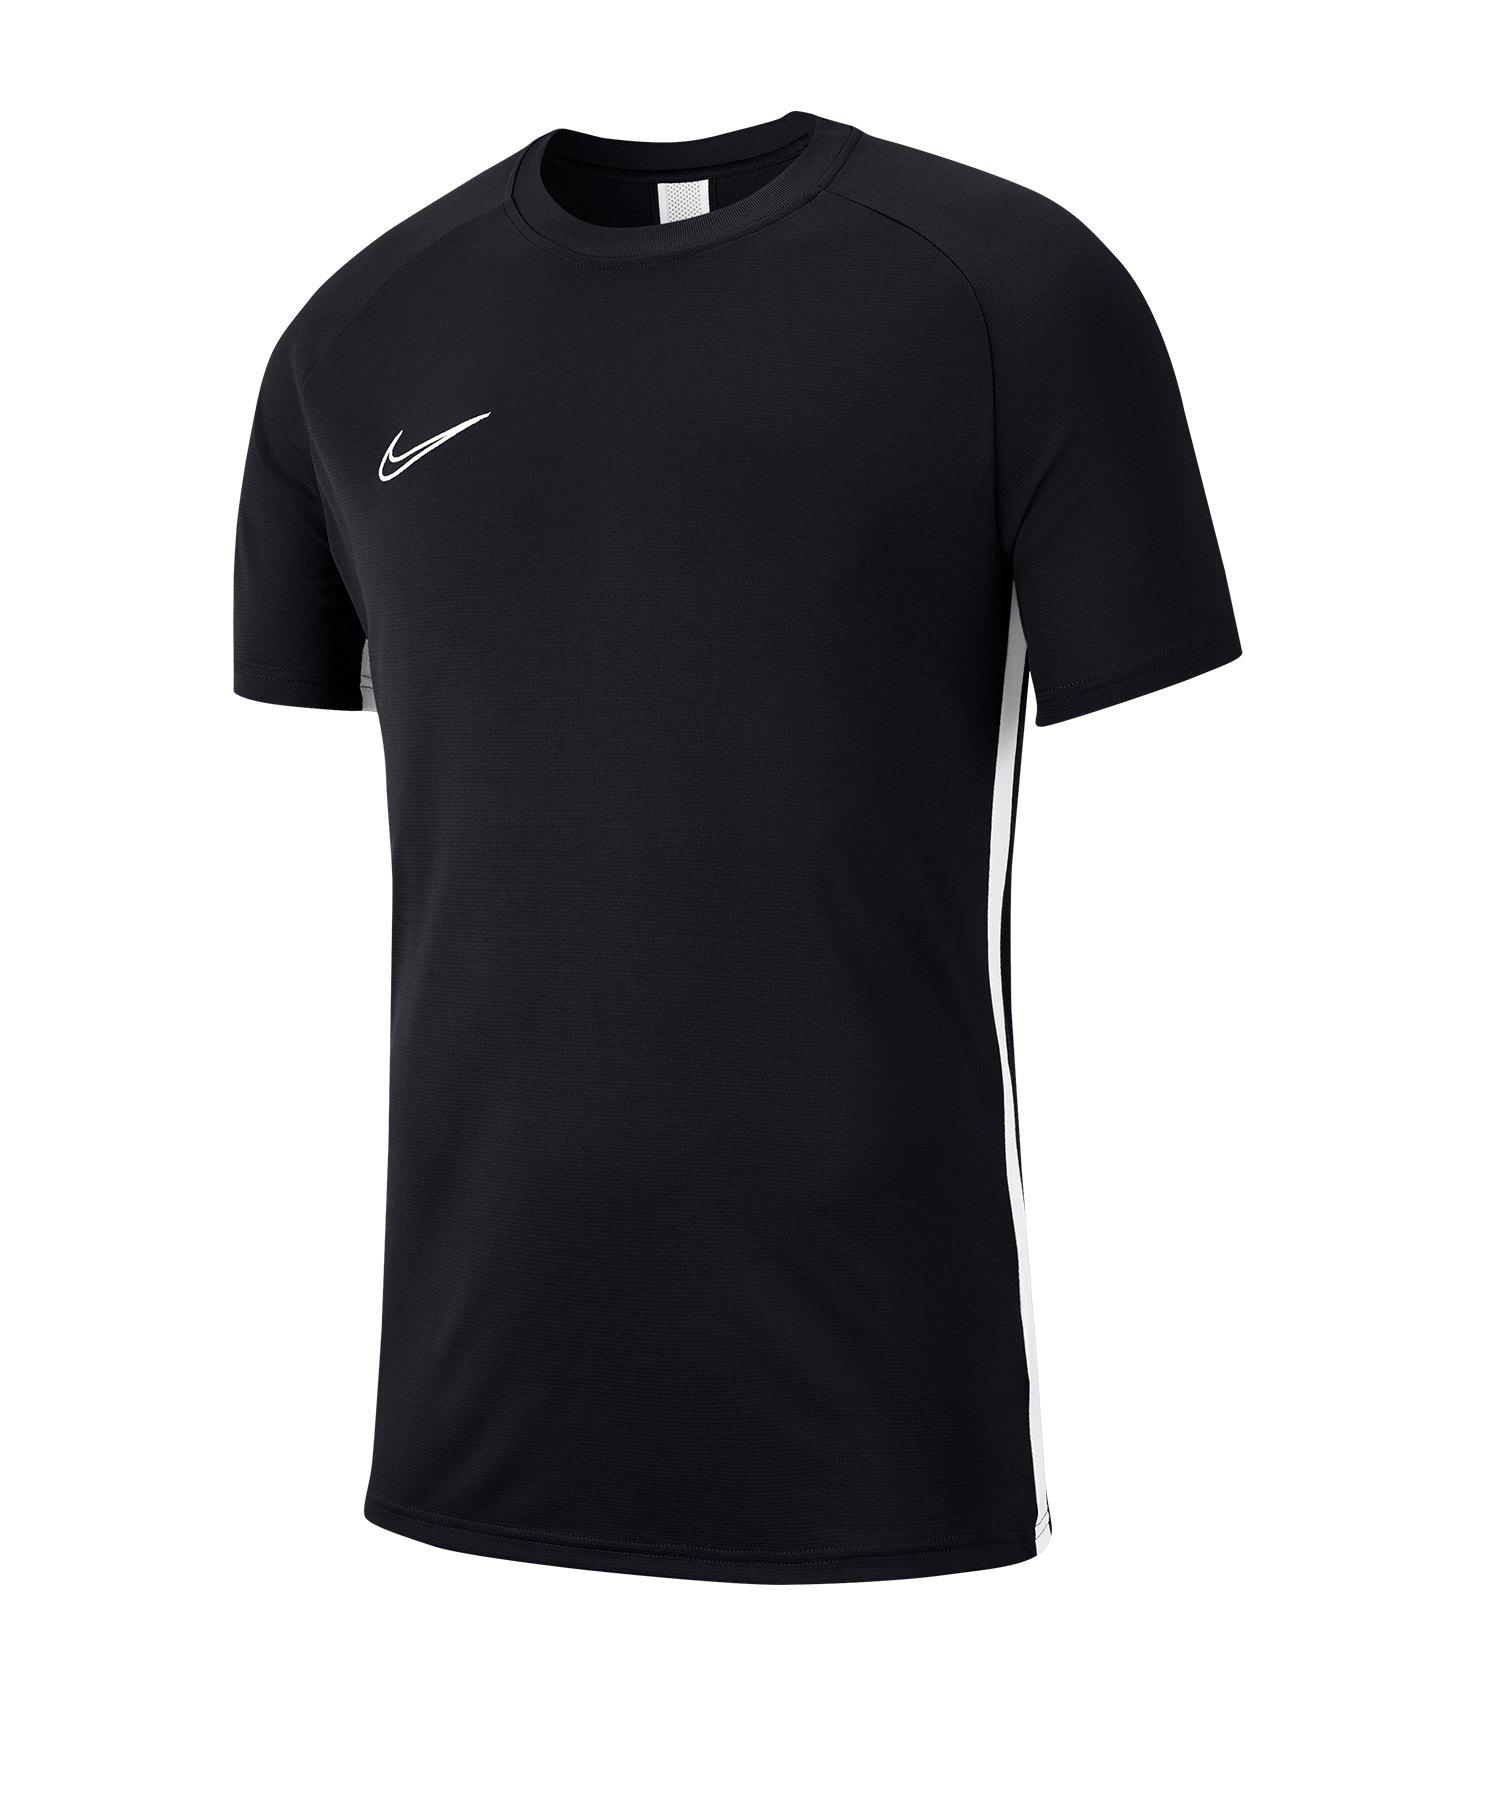 Nike Academy 19 Dri-FIT T-Shirt Kids Schwarz F010 - Schwarz